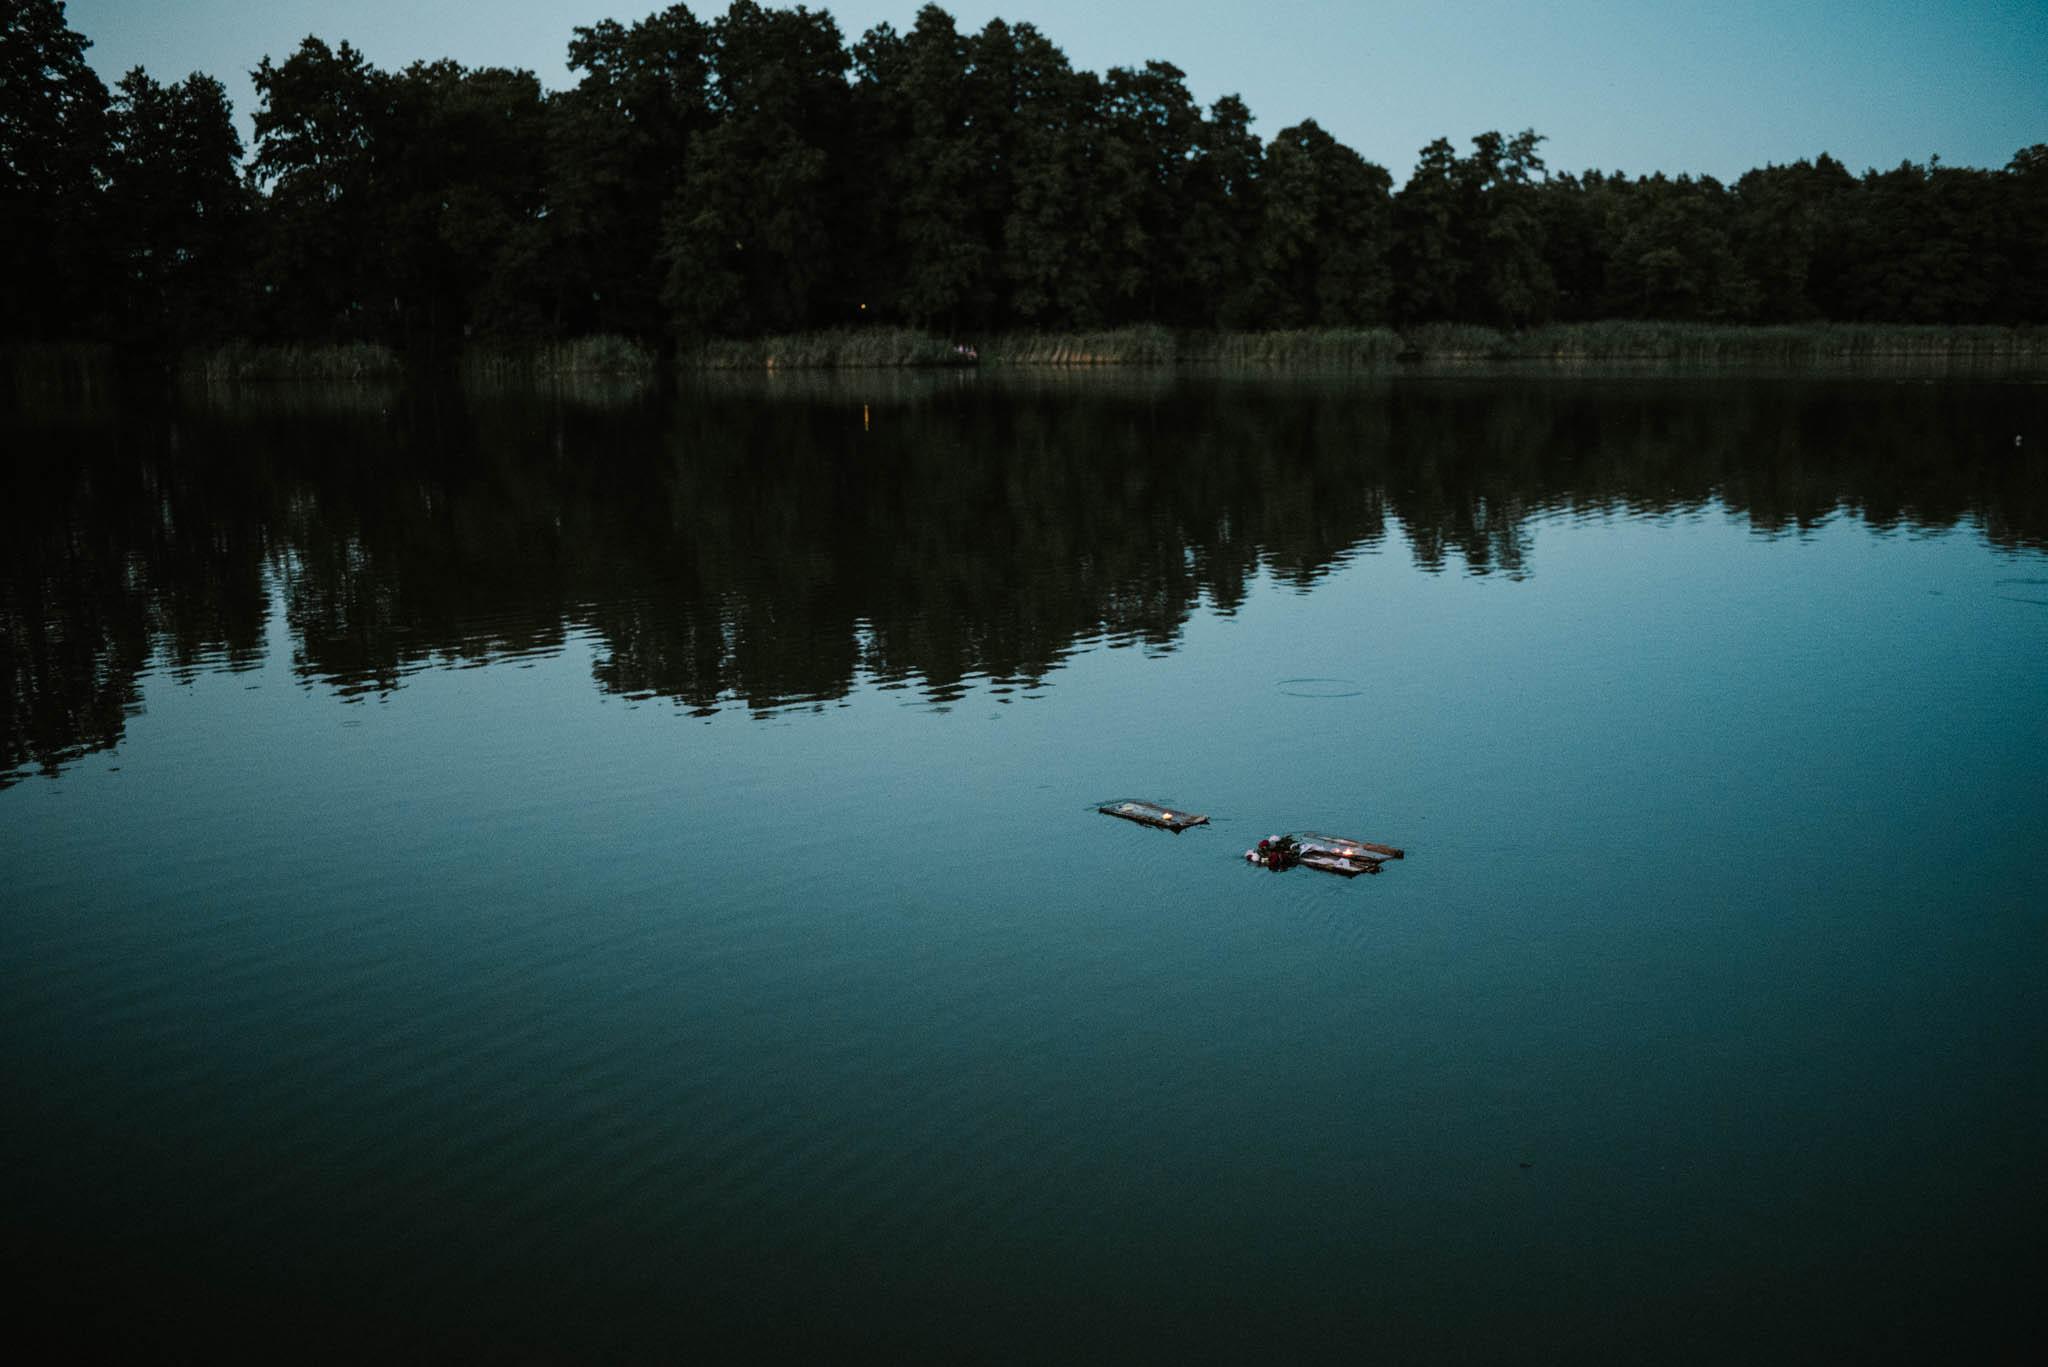 Stateczki płyną po jeziorze - sesja ślubna na Wyspie Św. Edwarda Zaniemyśl